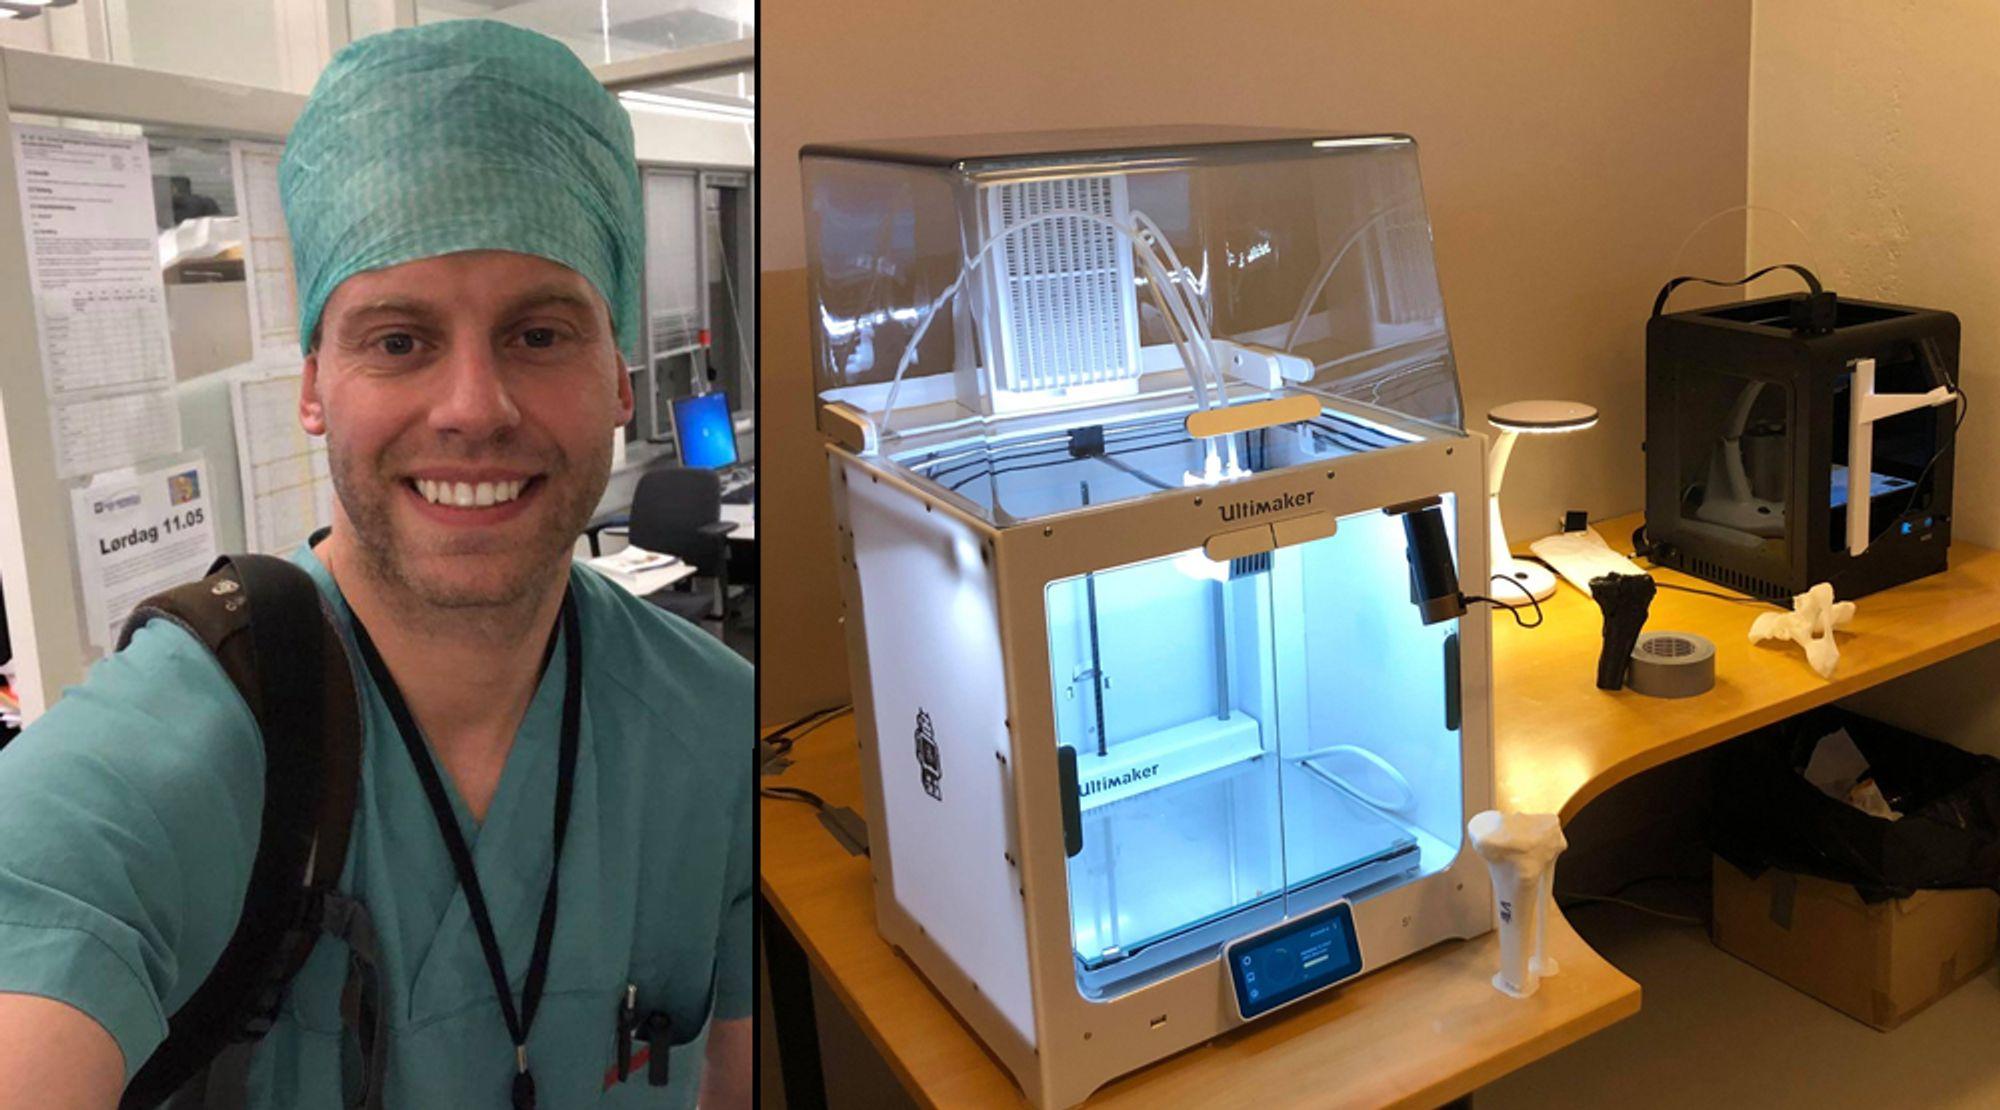 Vil lage og dele oppskrift for personlig smittevernutstyr: Ahus-lege Max Temmesfeld og 3D-laben han vil bruke til å lage smittevernutstyret.